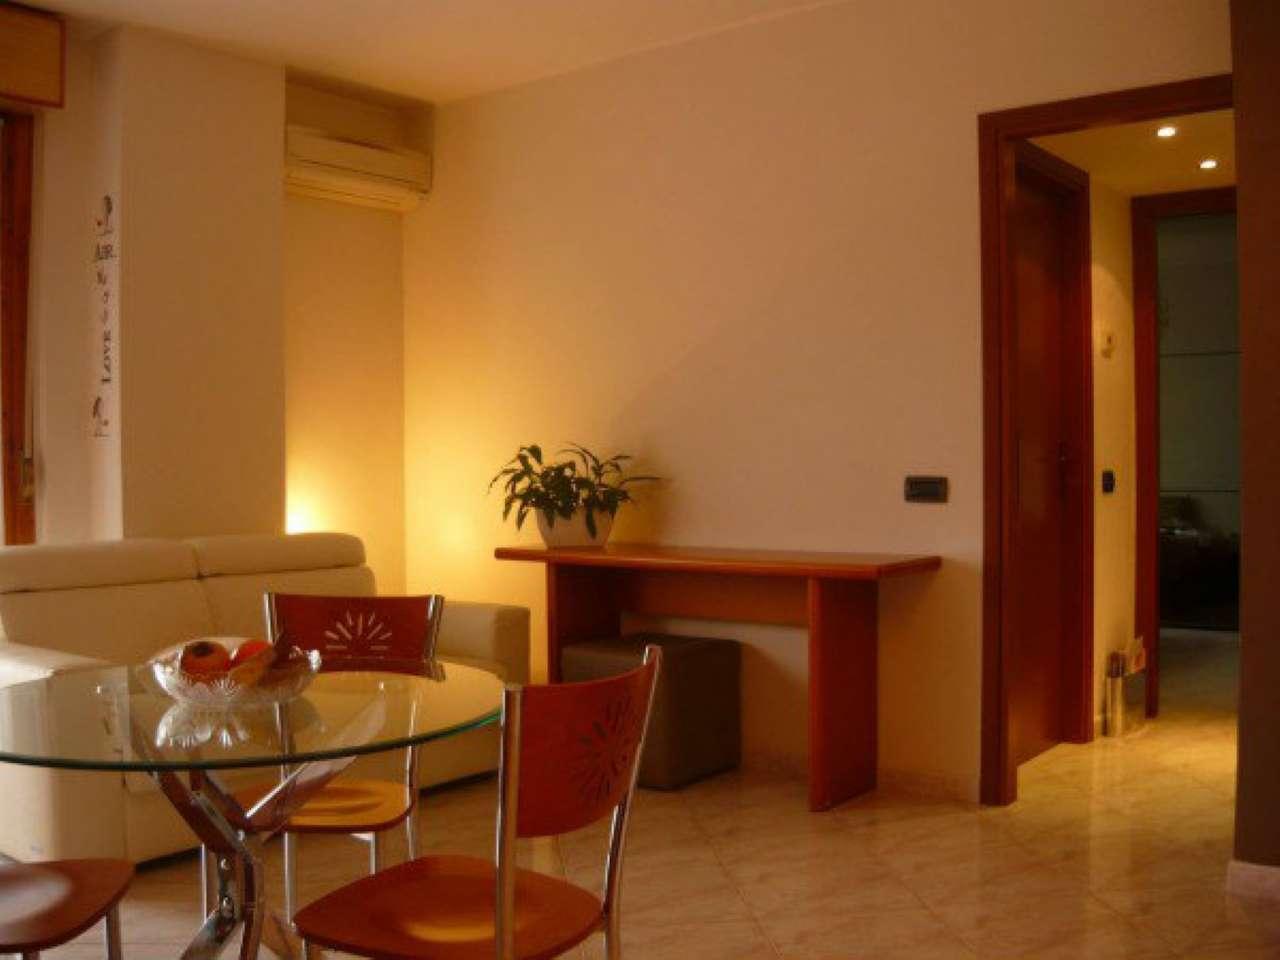 Appartamento in vendita a Assago, 2 locali, prezzo € 185.000 | Cambio Casa.it